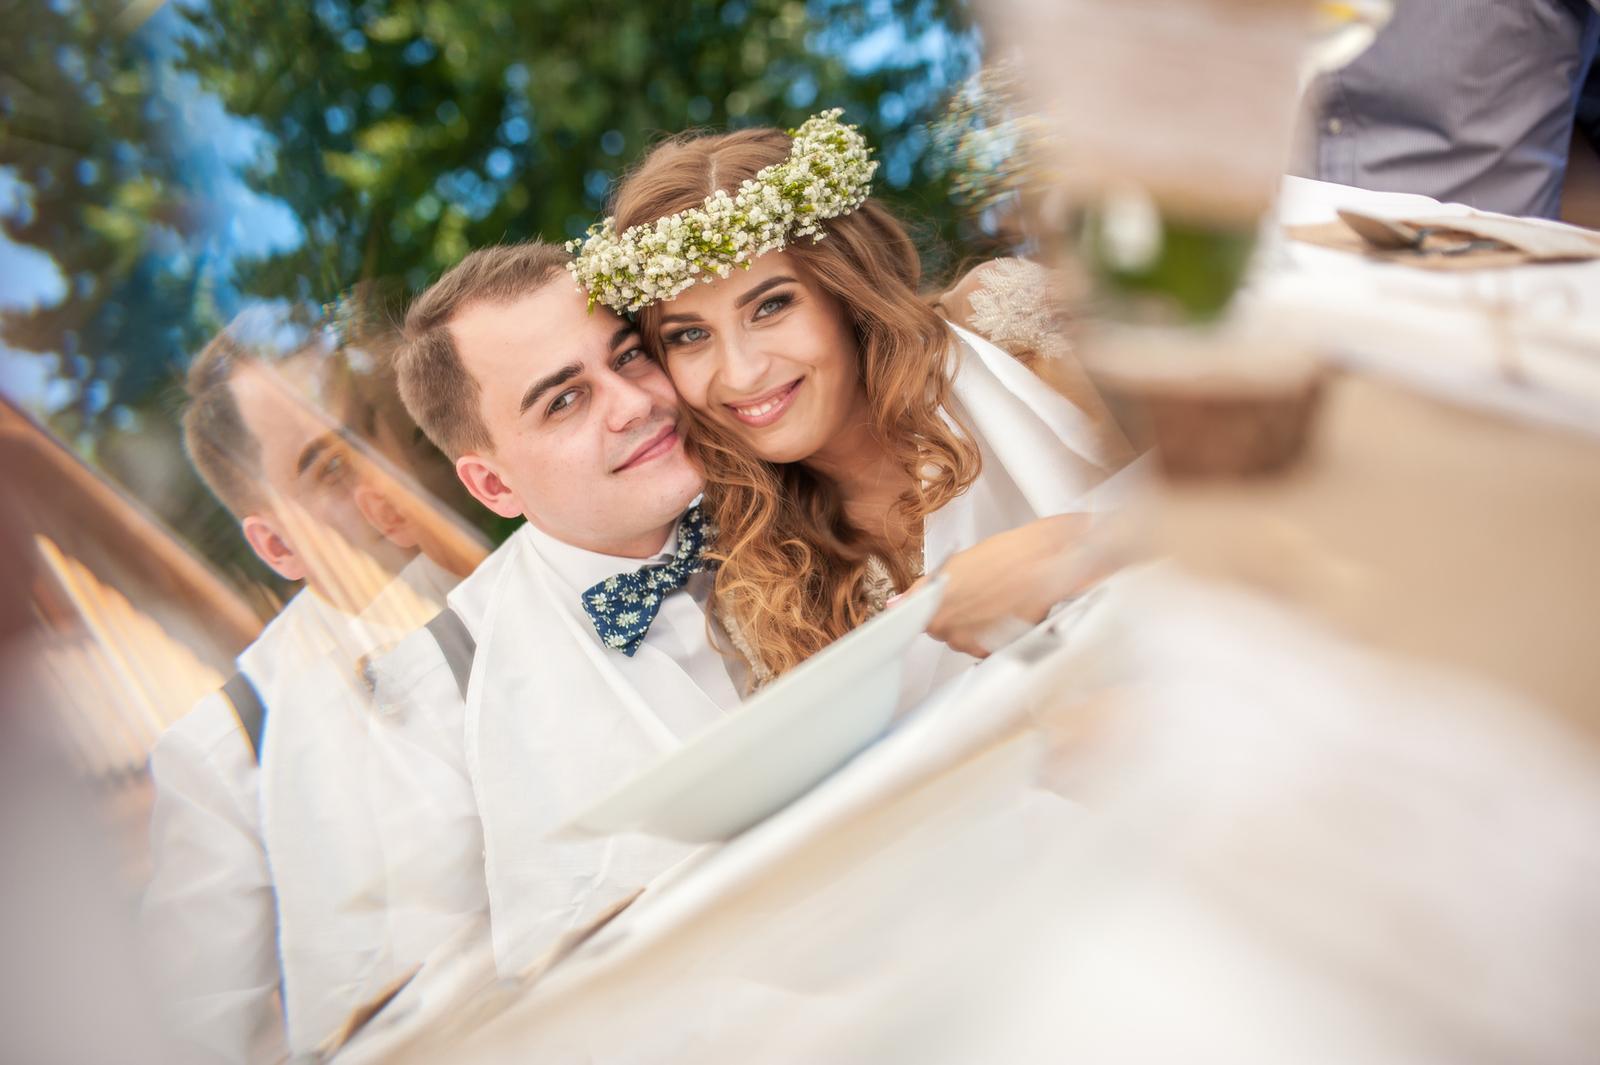 Wedding ♥ - Obrázek č. 51